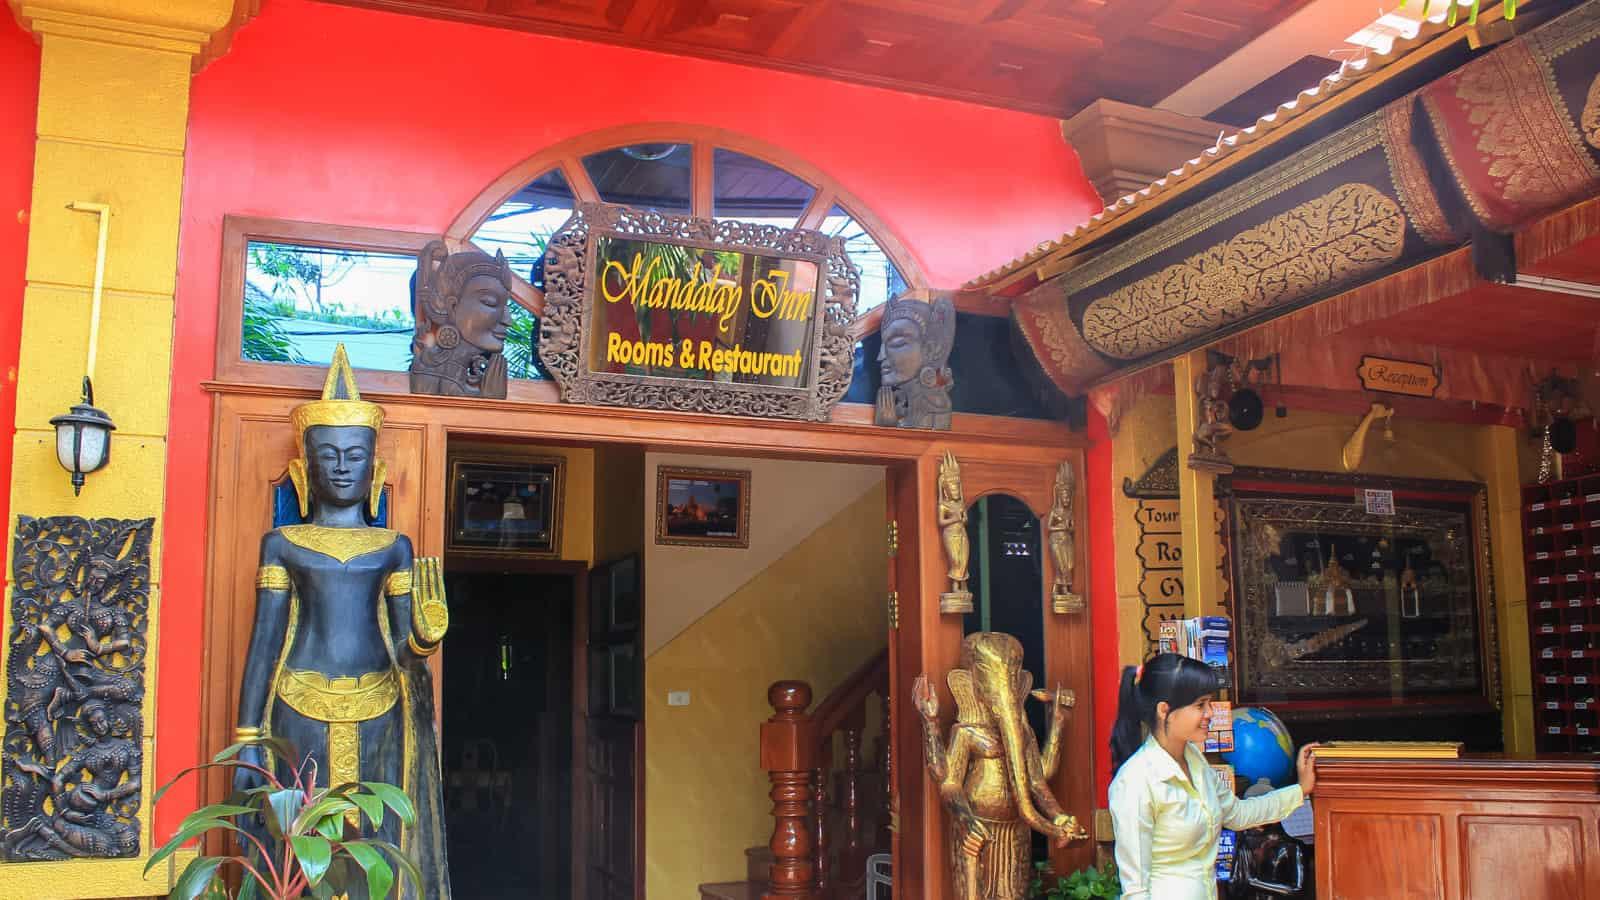 曼德勒酒店。在柬埔寨暹粒的住宿地点   穷游者的行程博客